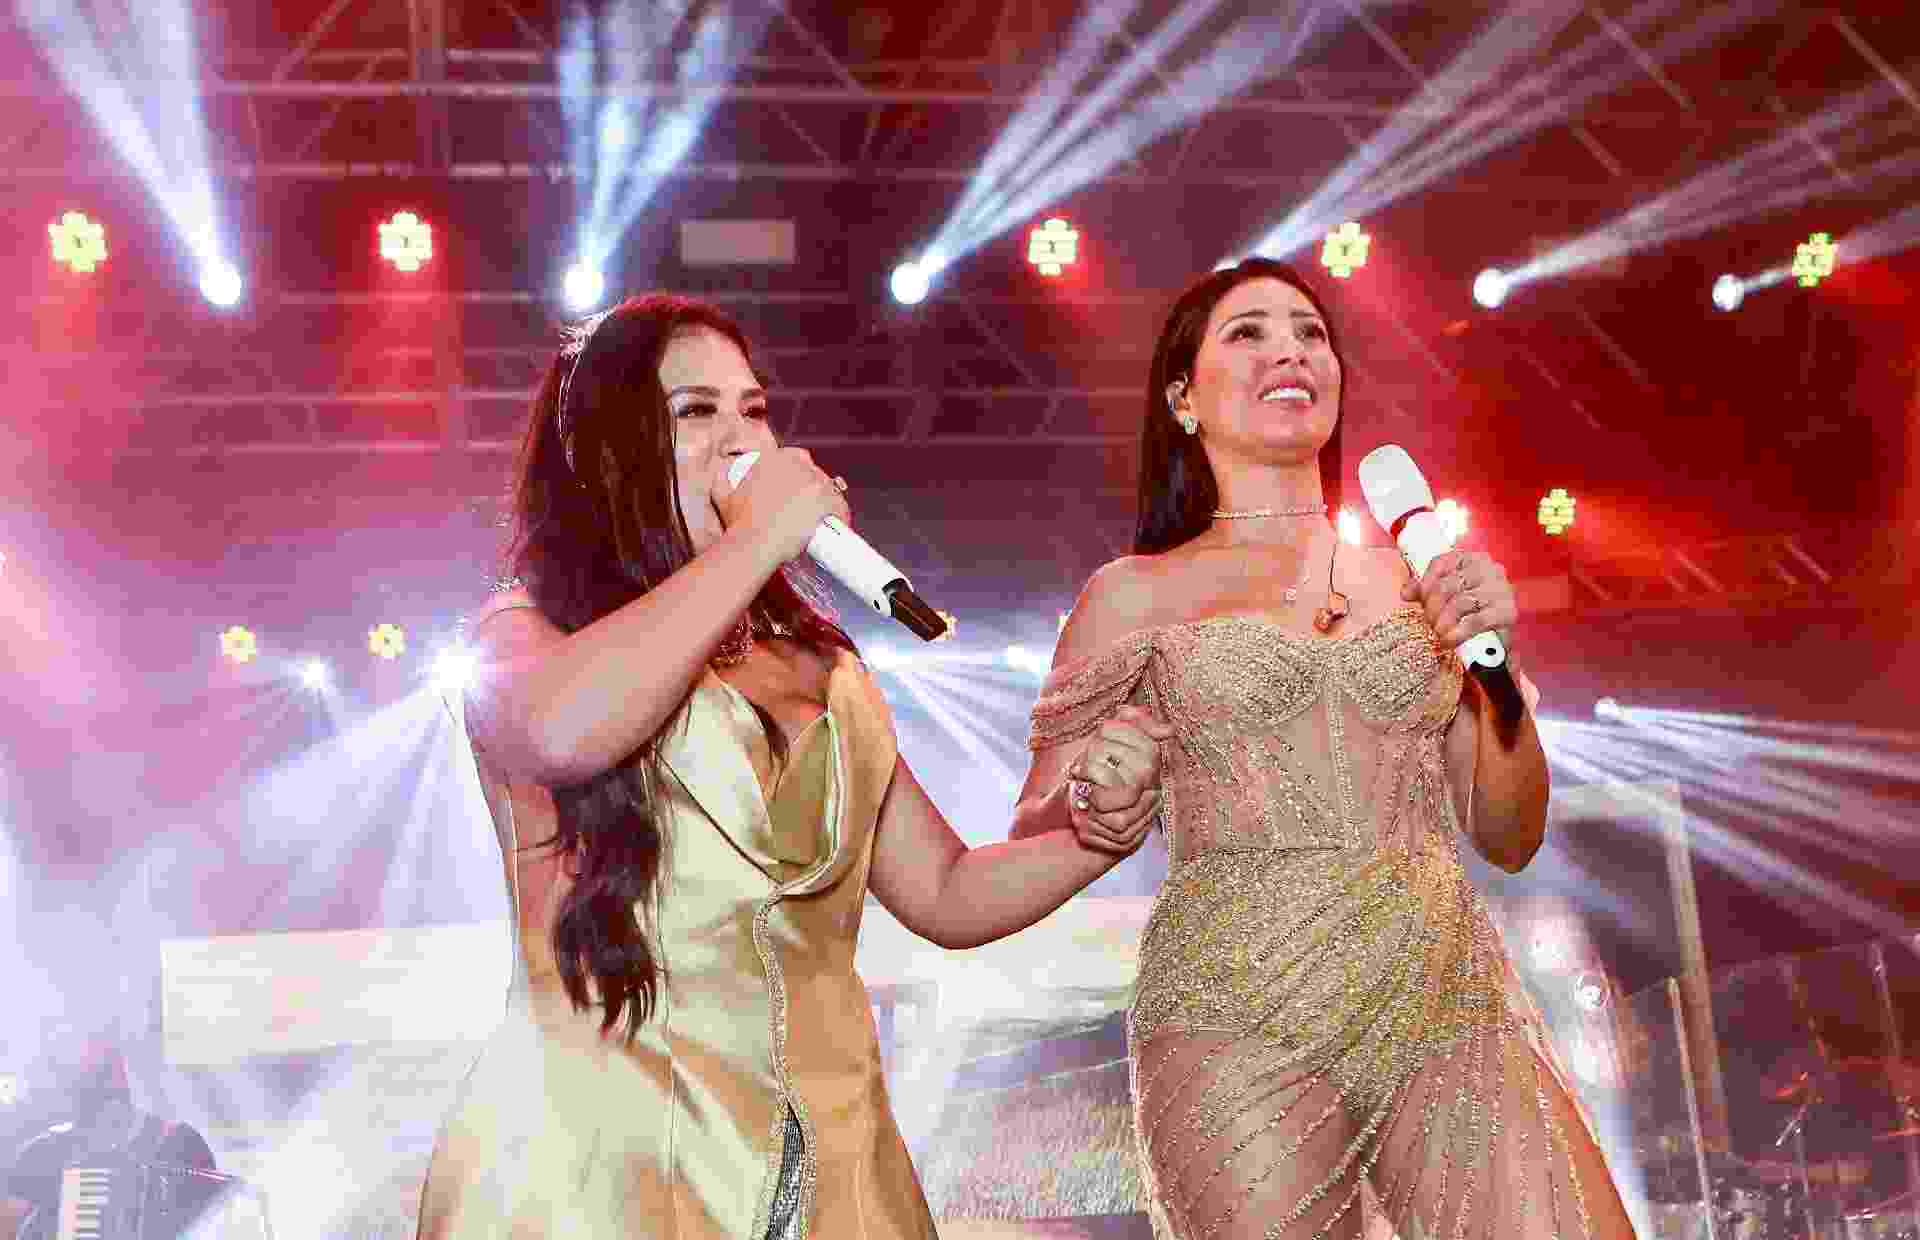 Simone e Simaria cantam em show fechado da marca Rommanel, em Fortaleza - Iwi Onodera/Brazil News